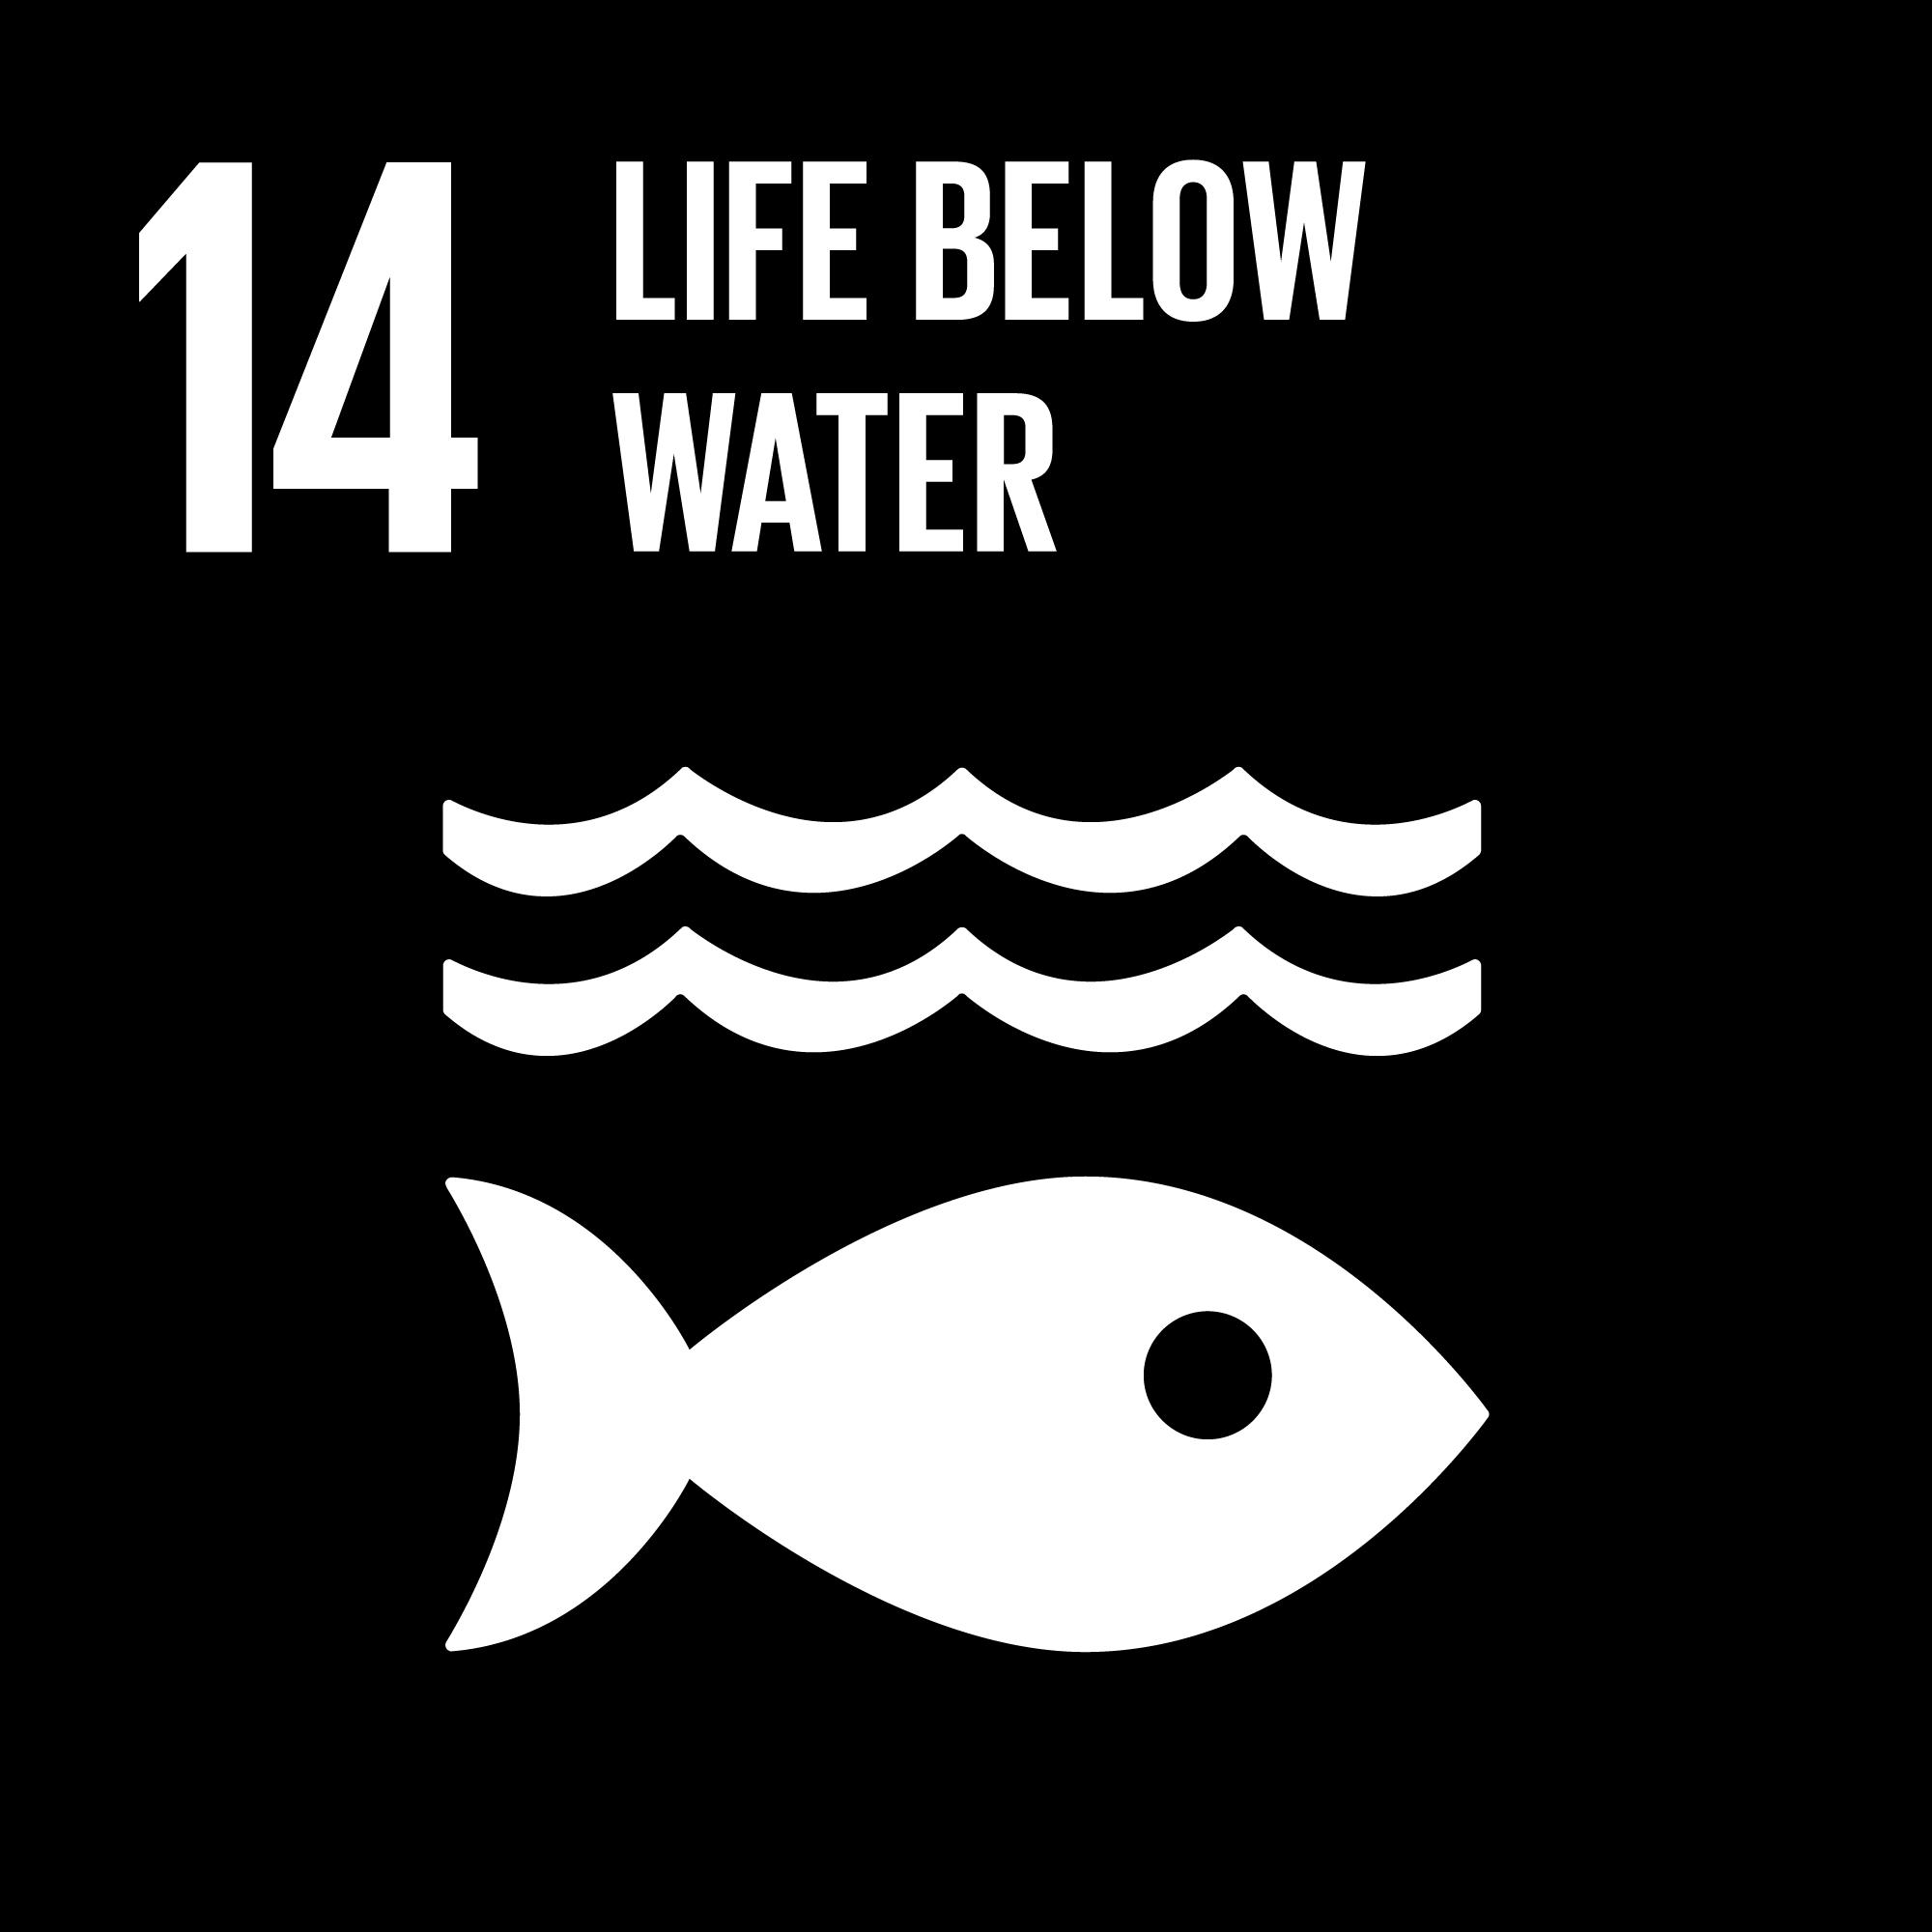 Sustainable Development Goals - 14 - Life Below Water